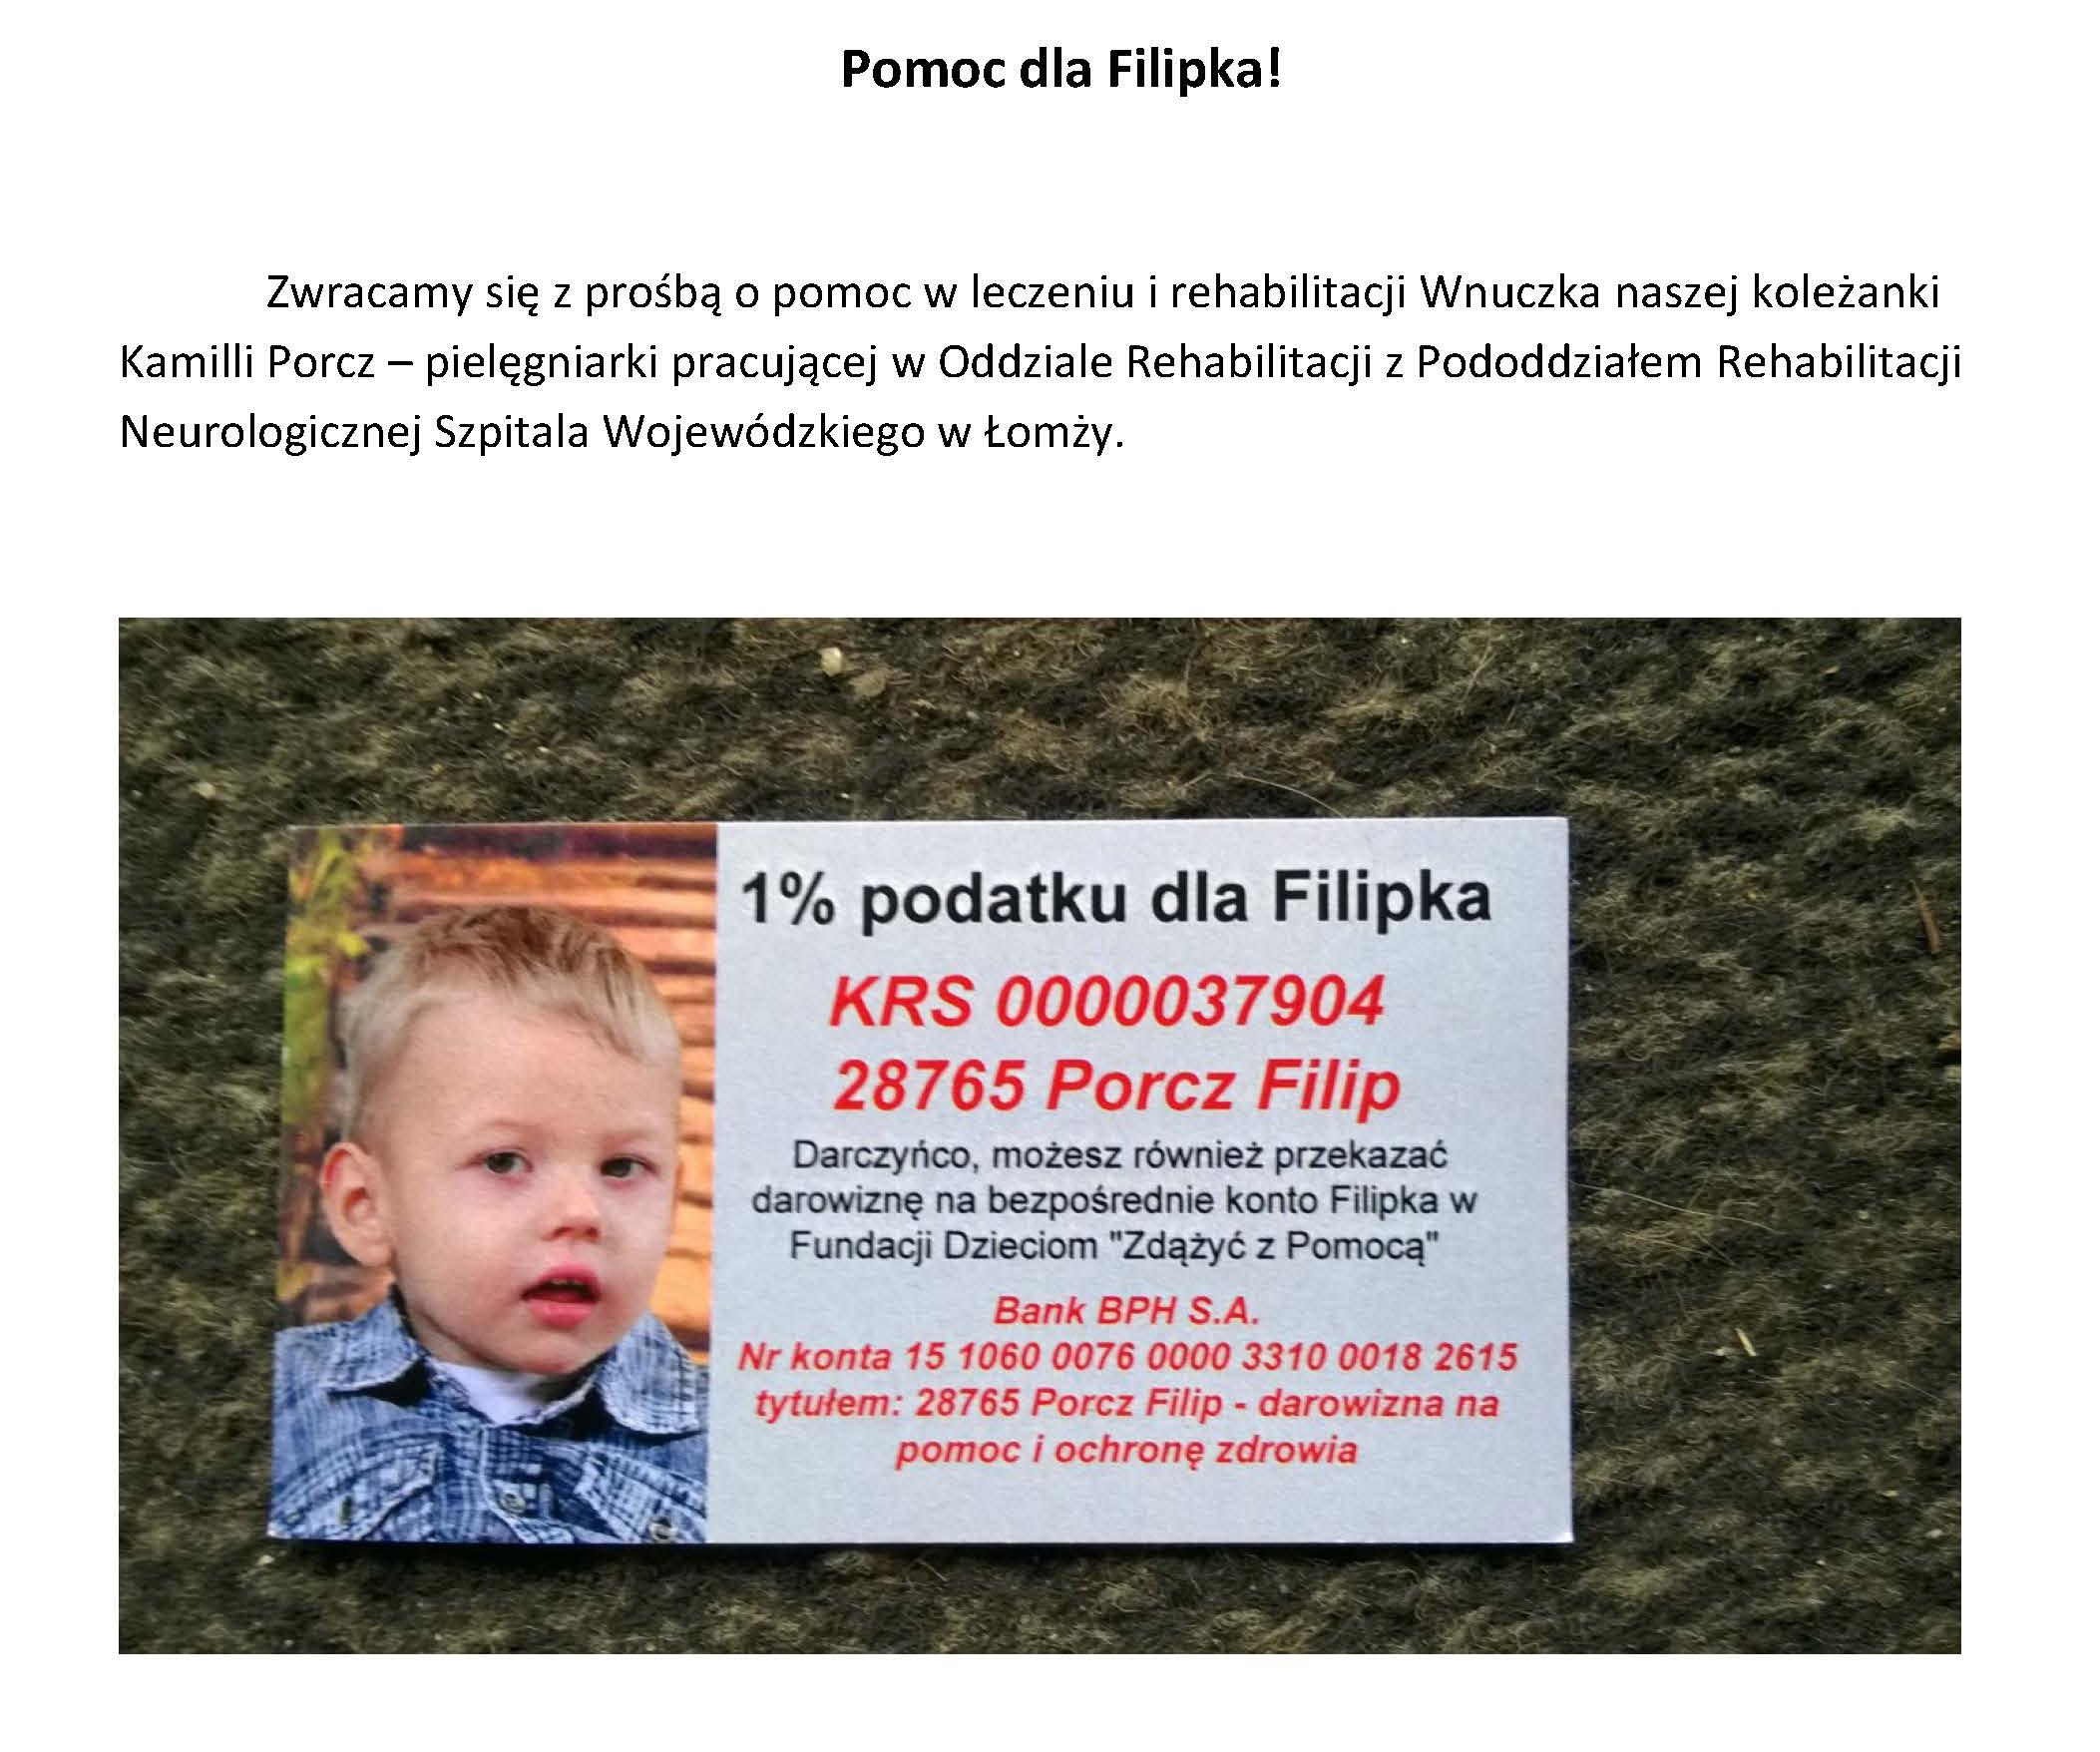 Pomoc dla Filipka